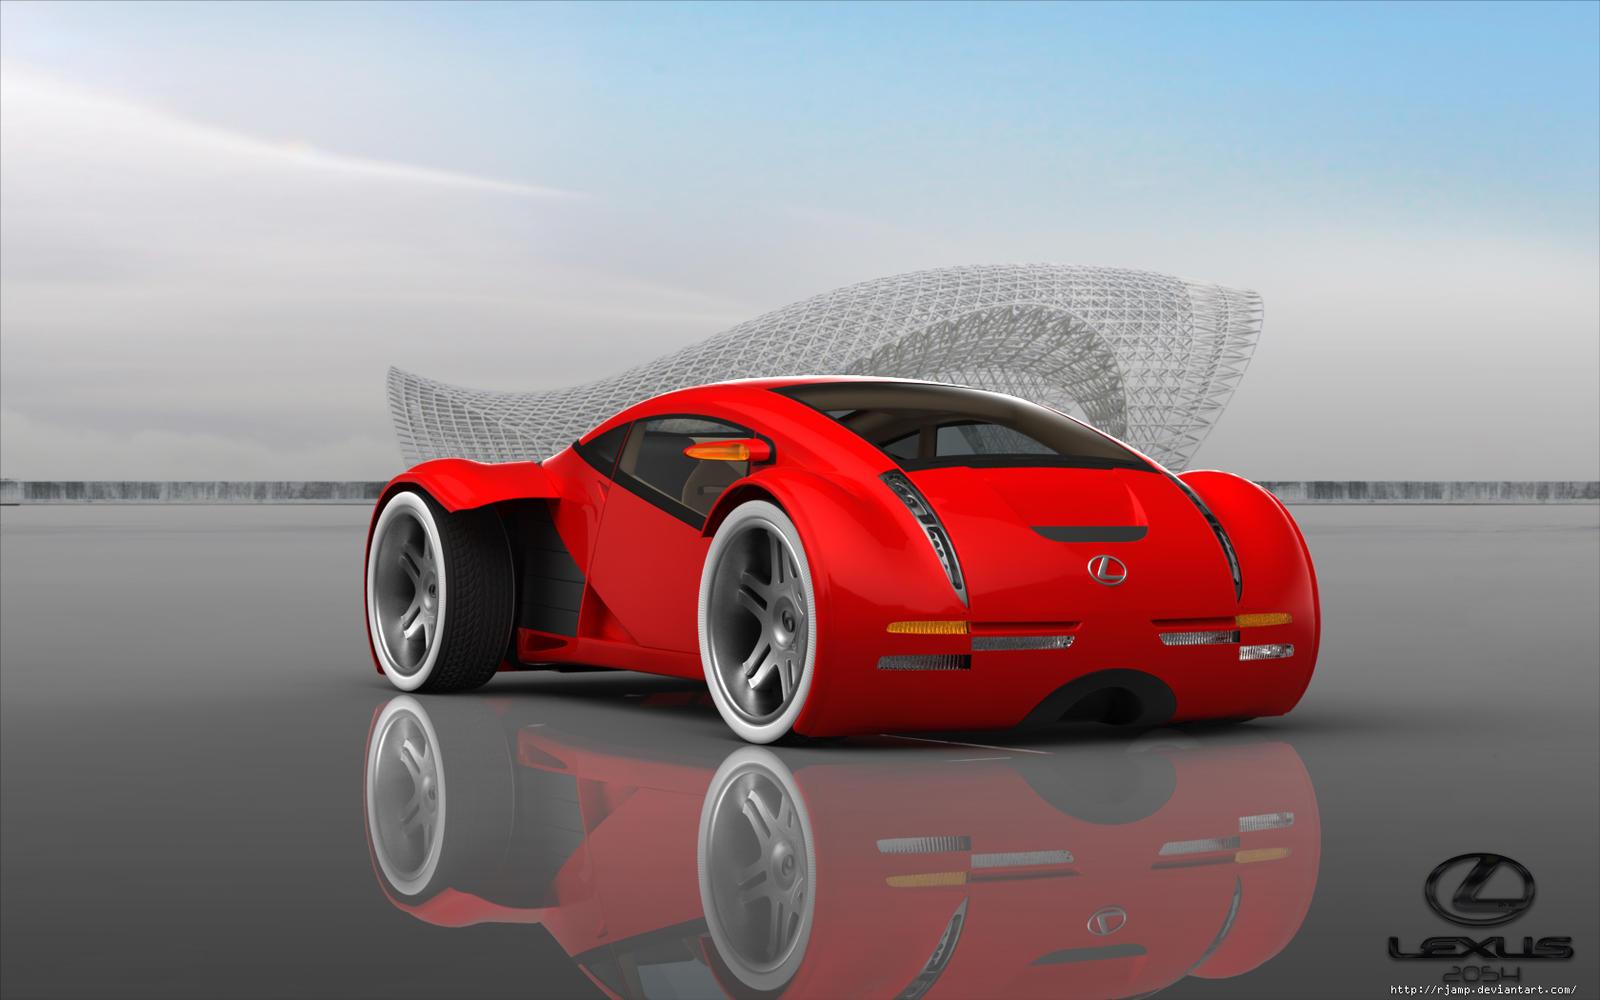 ADIX — Lexus 2054